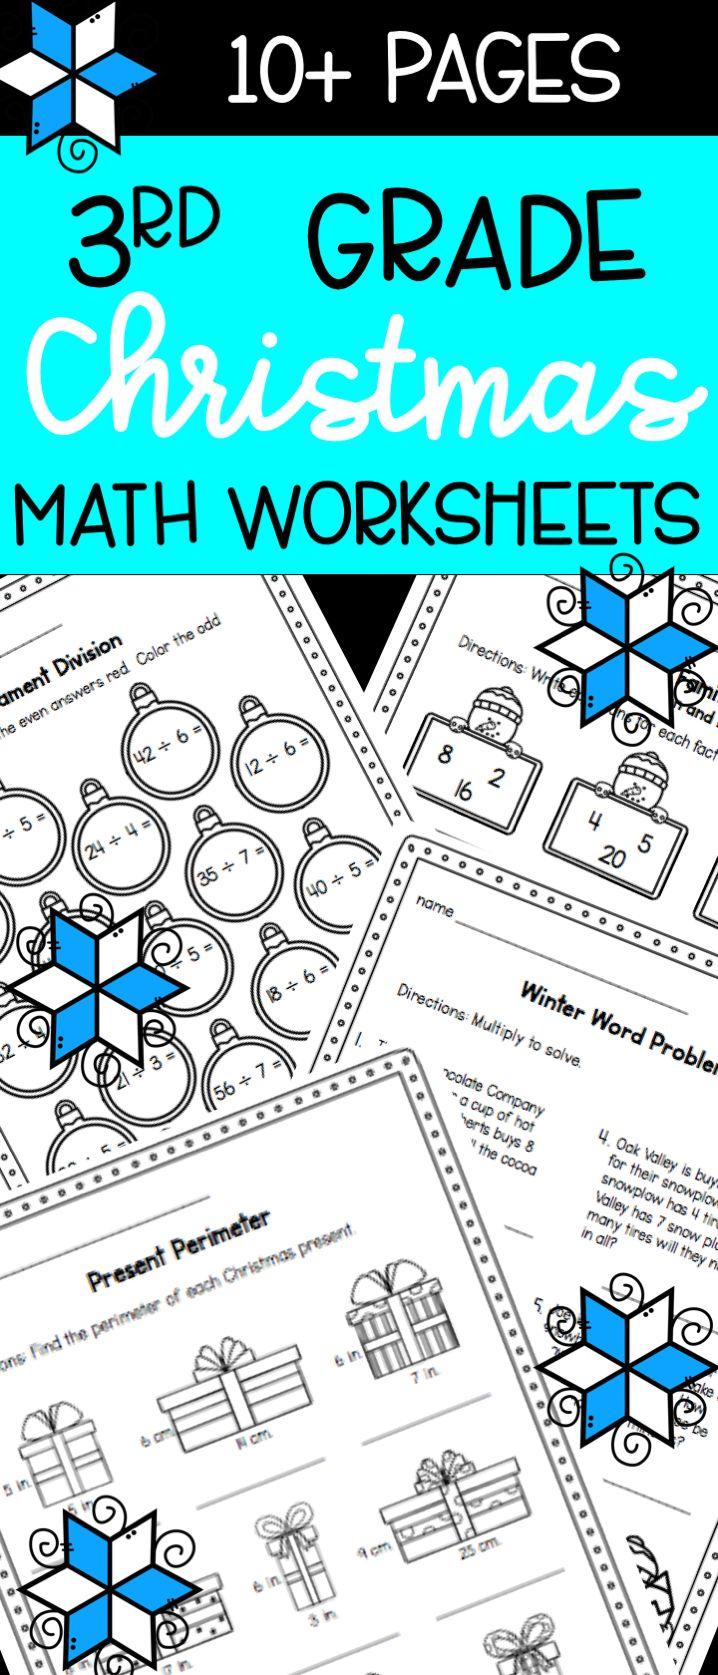 Third grade math worksheets perimeter